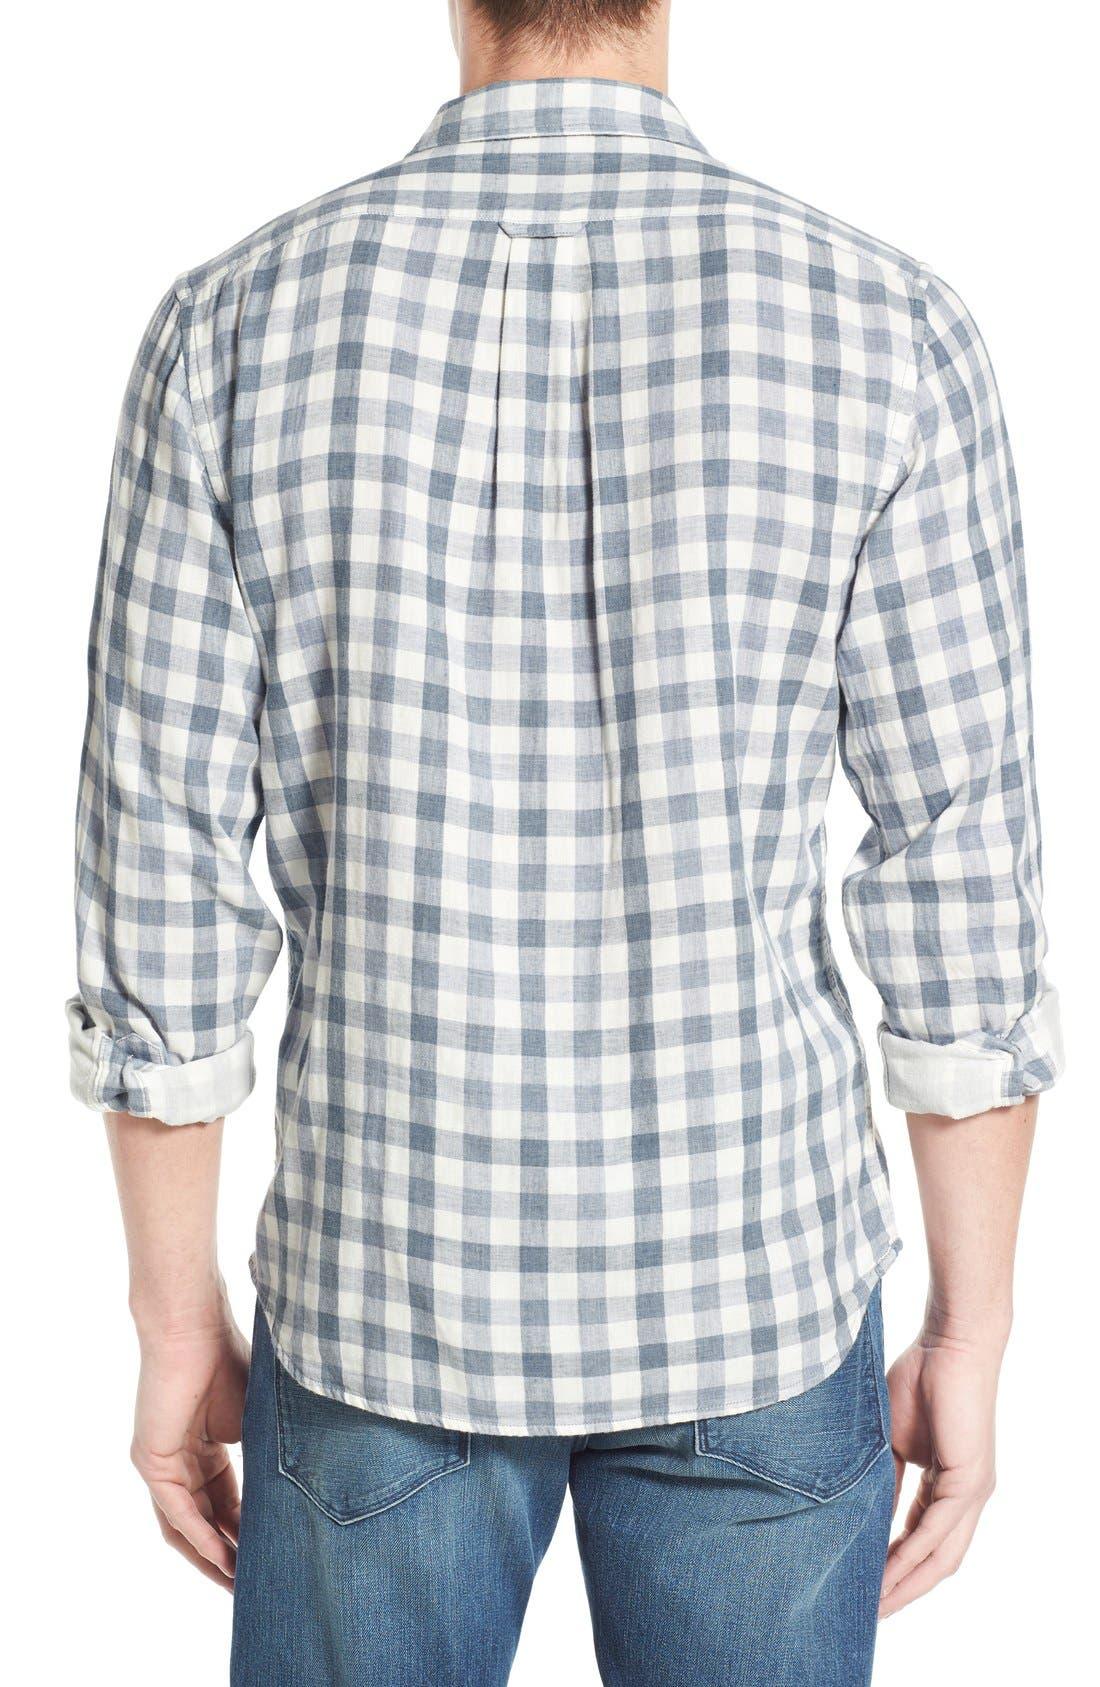 'Denby' Trim Fit Double Woven Sport Shirt,                             Alternate thumbnail 2, color,                             481